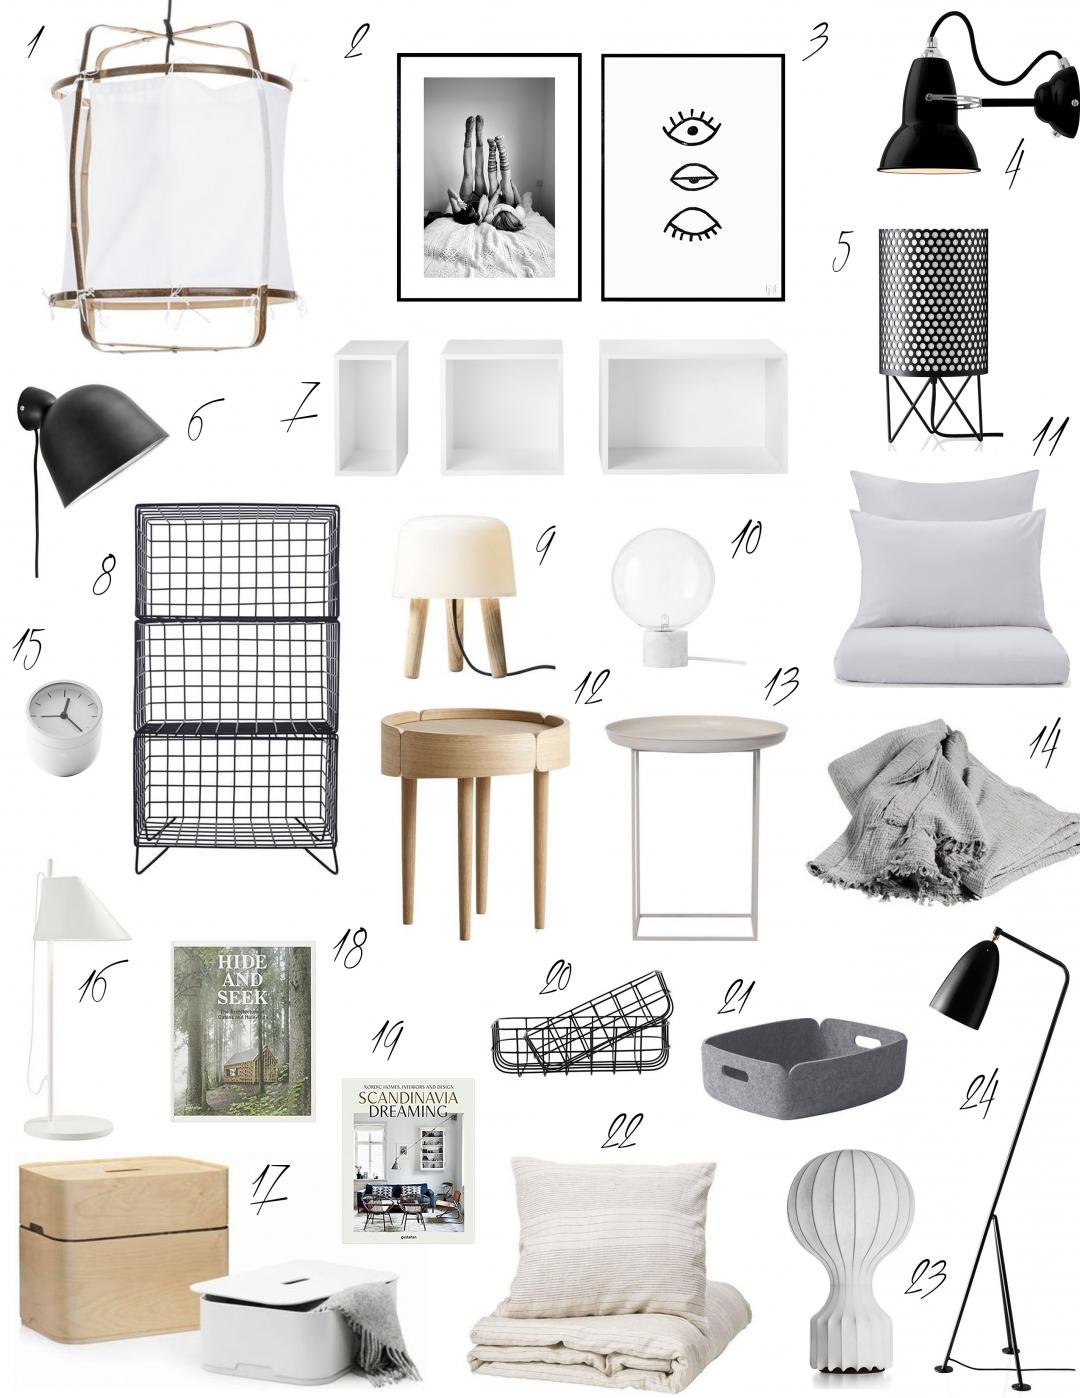 Schlafzimmer Ideen / Scandinavian Bedroom